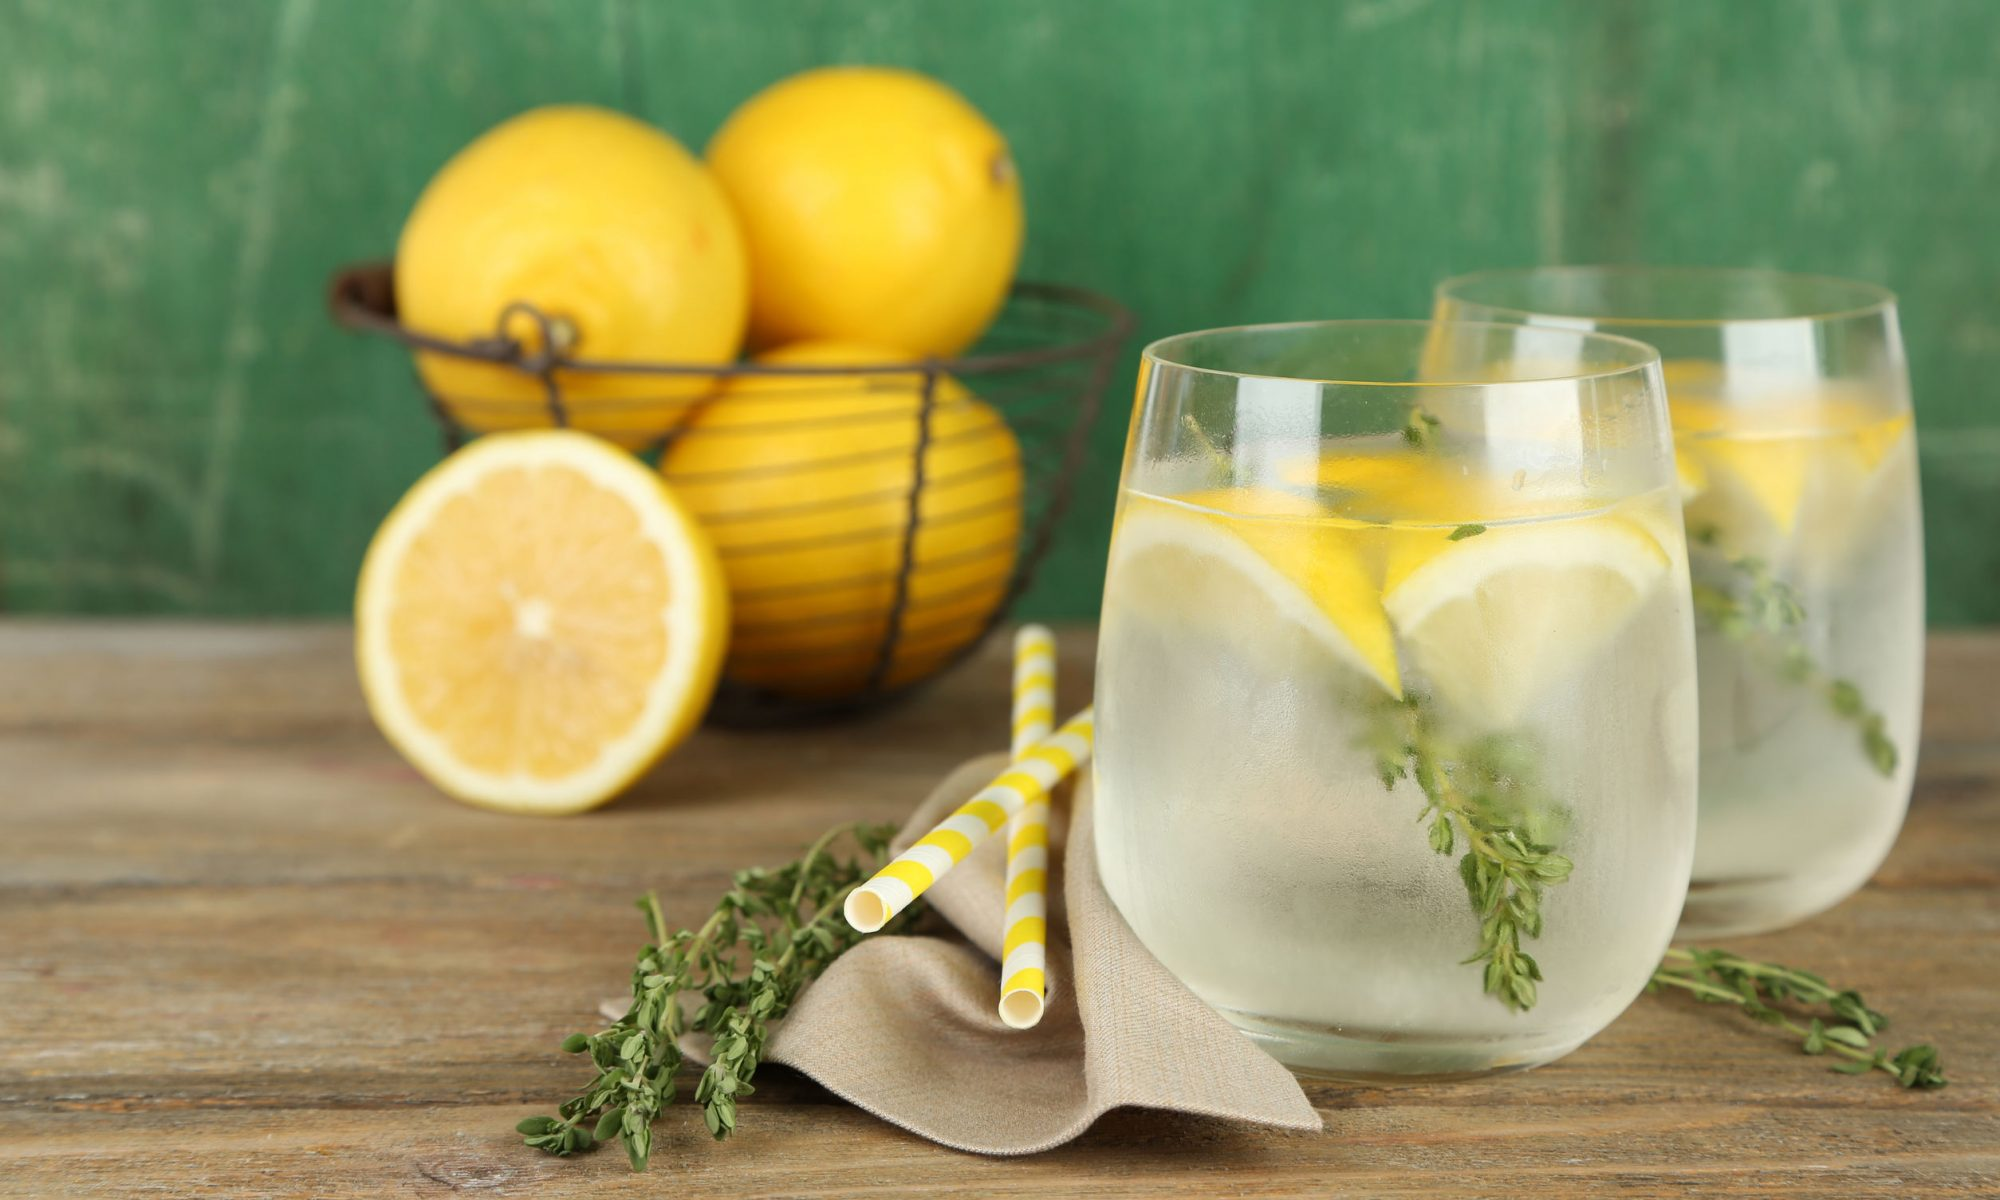 11 способов применения лимона от Шефмаркет